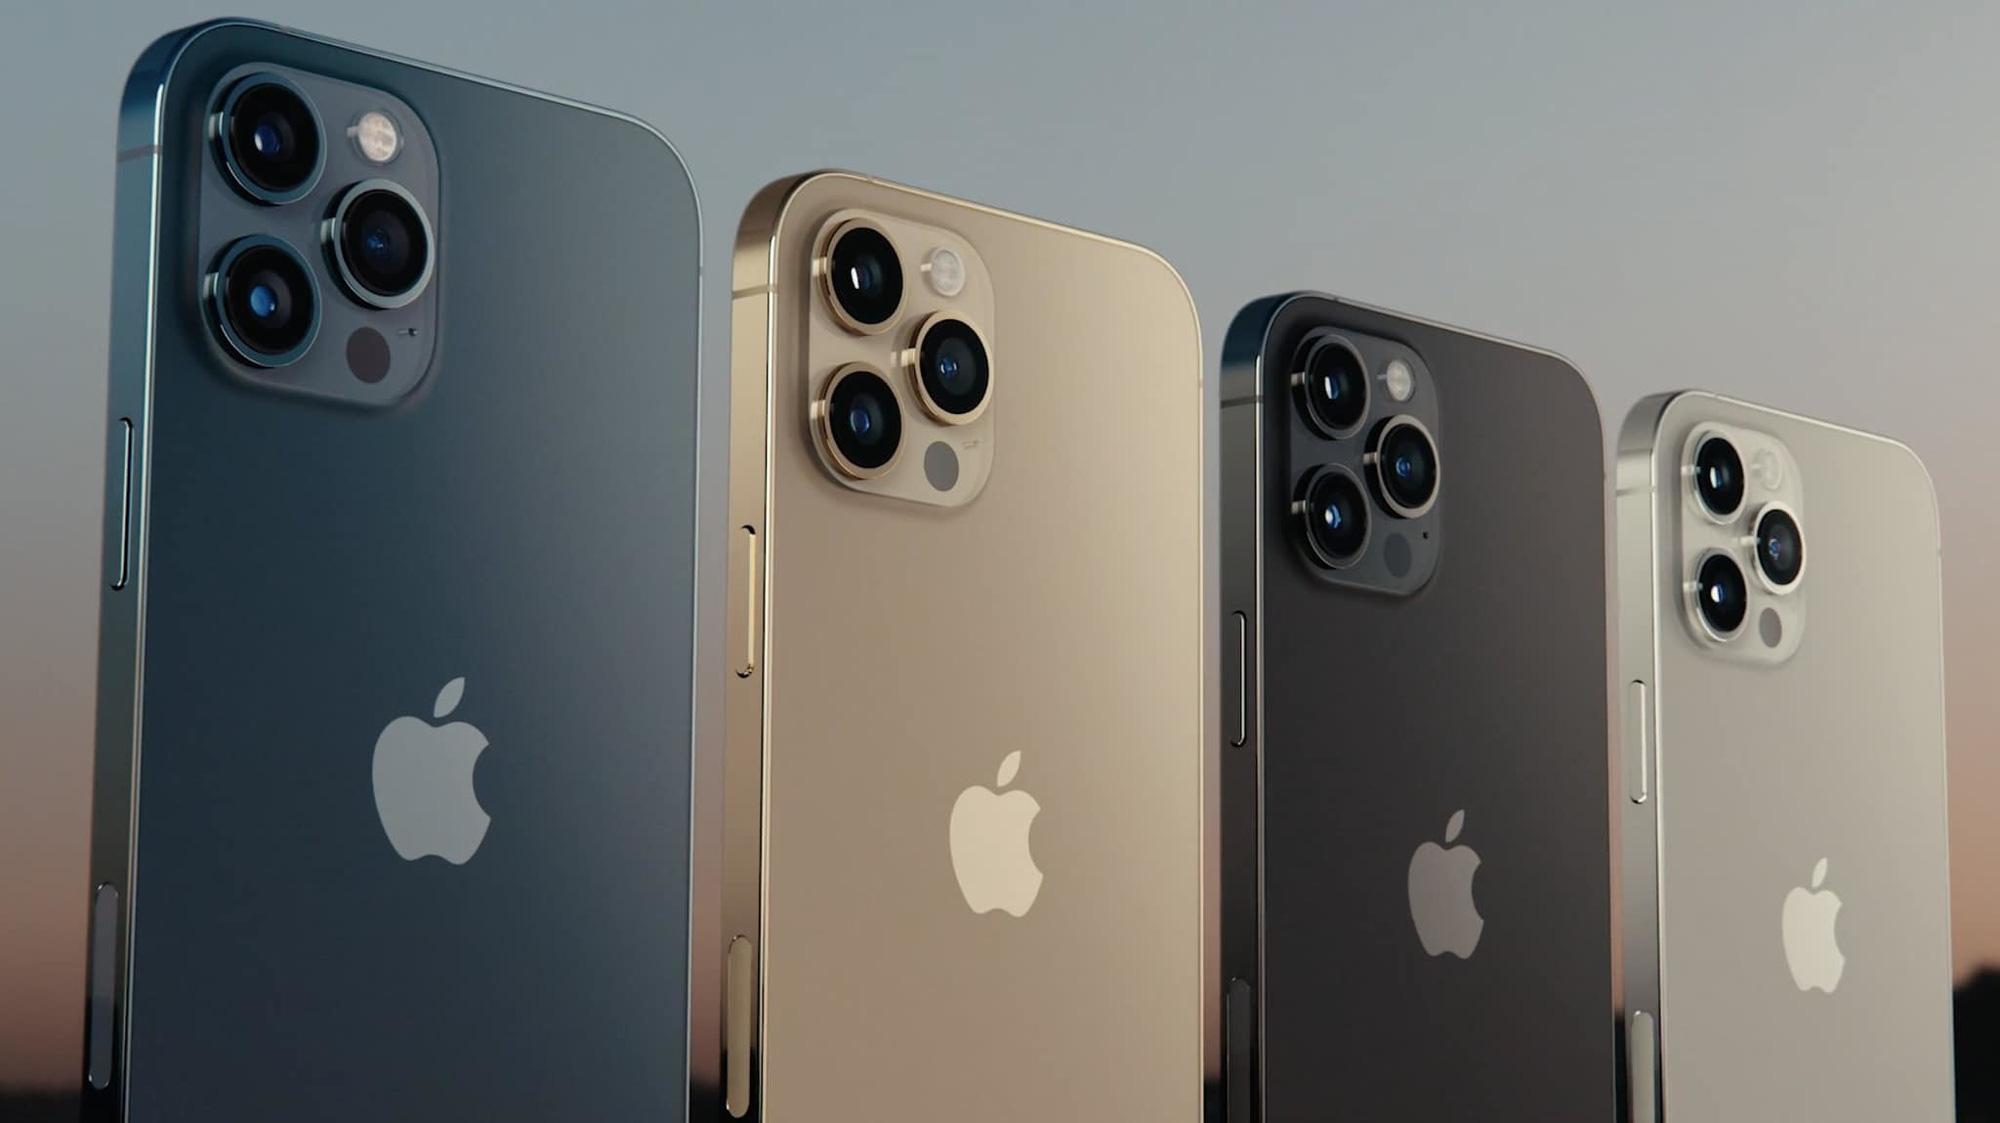 Ra mắt iPhone 12: Apple làm rõ tham vọng kiếm tiền từ Trung Quốc - Ảnh 1.